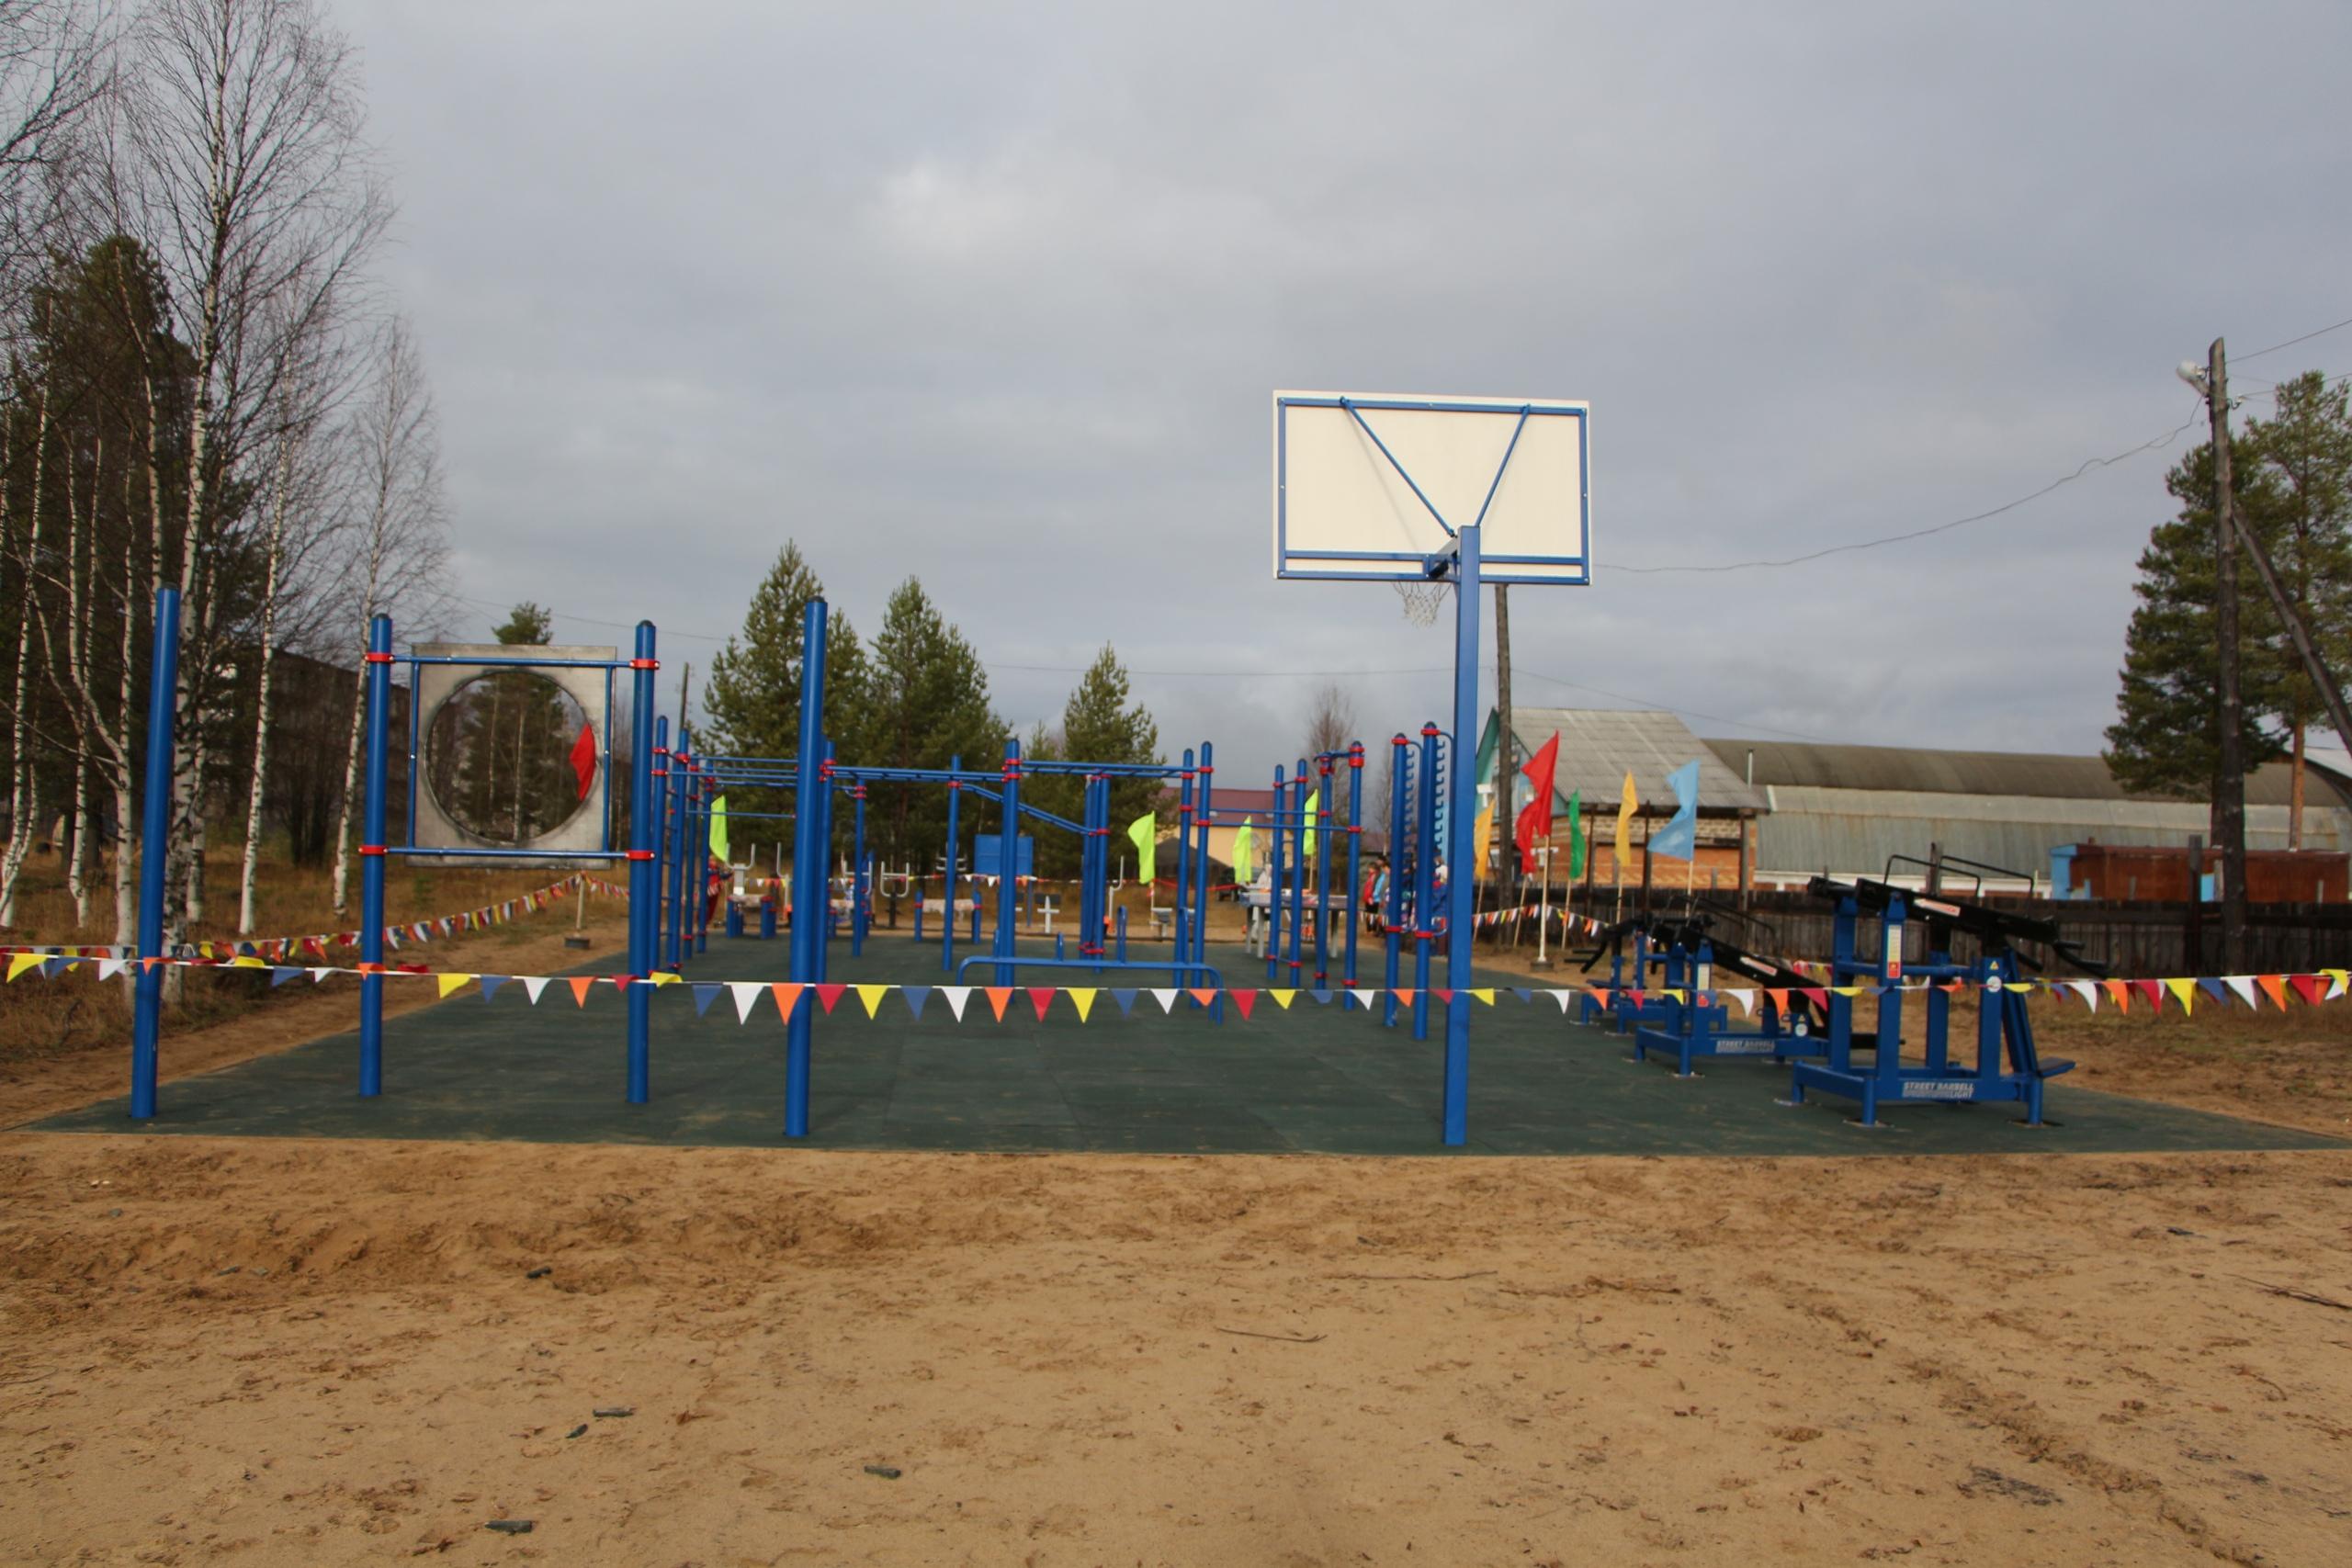 В рамках нацпроекта в Удорском районе открыли спортплощадку